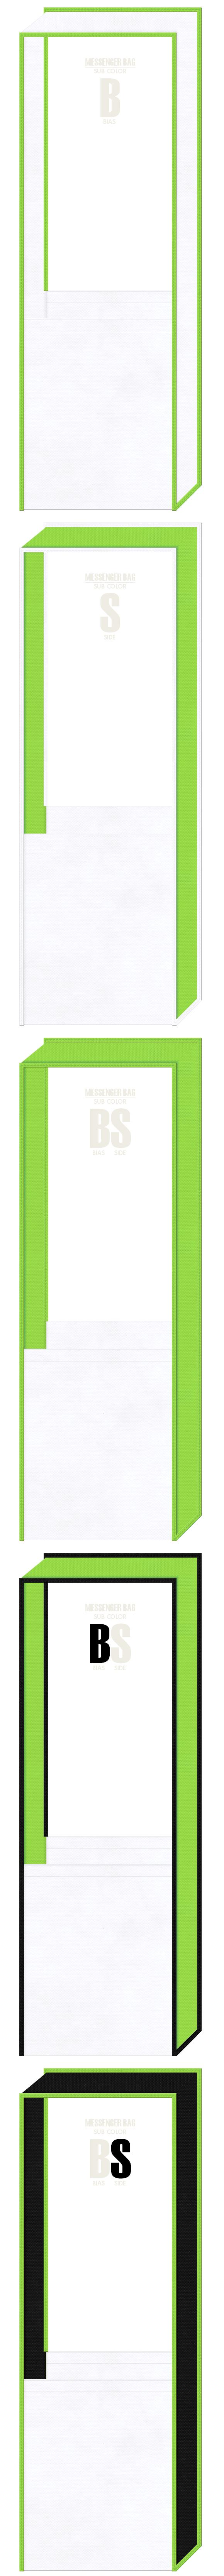 スポーツイベントにお奨め:白色・黄緑色・黒色の3色を使用した、不織布メッセンジャーバッグのデザイン